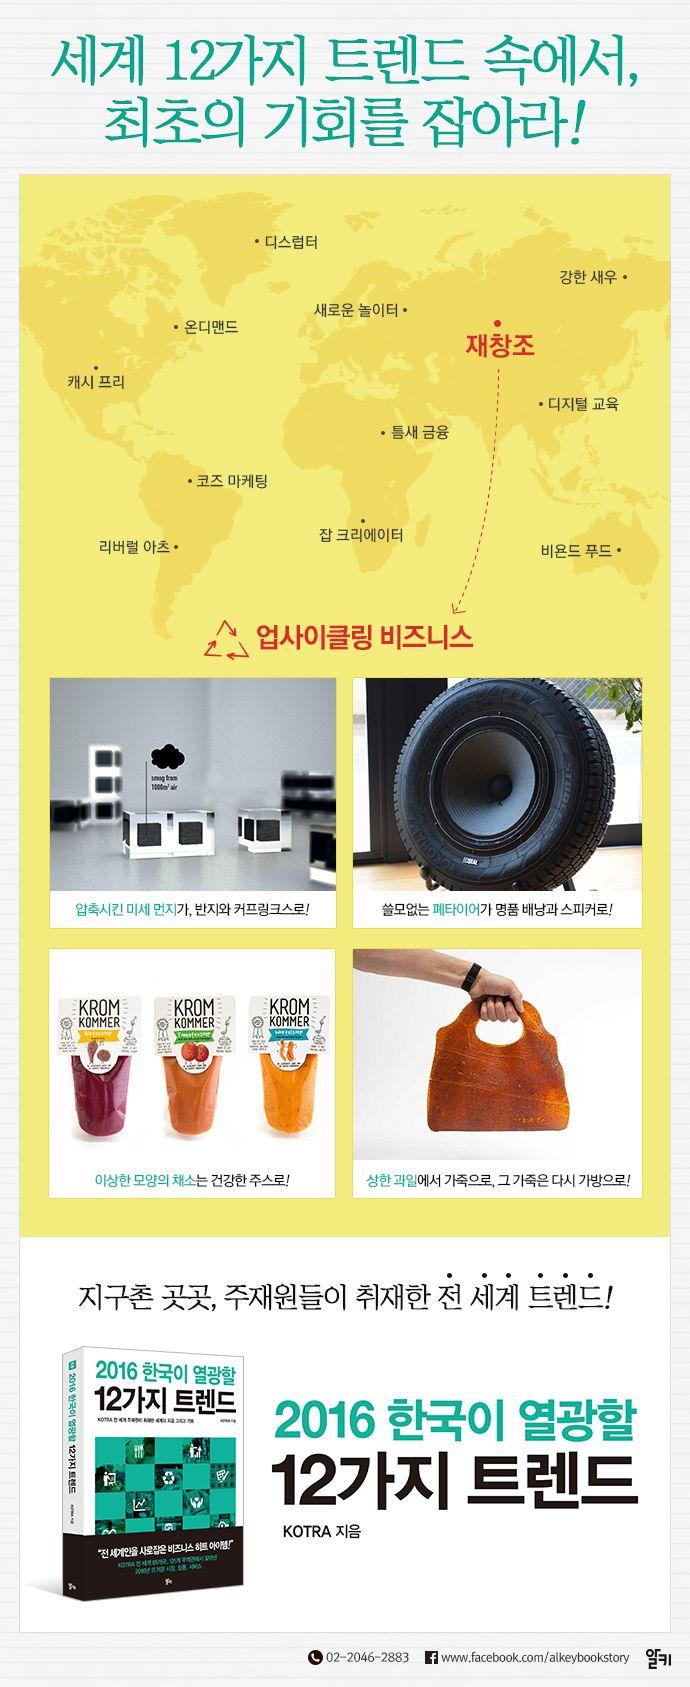 [도서] 2016 한국이 열광할 12가지 트렌드, KOTRA 저, 9788952775115   YES24 상품정보